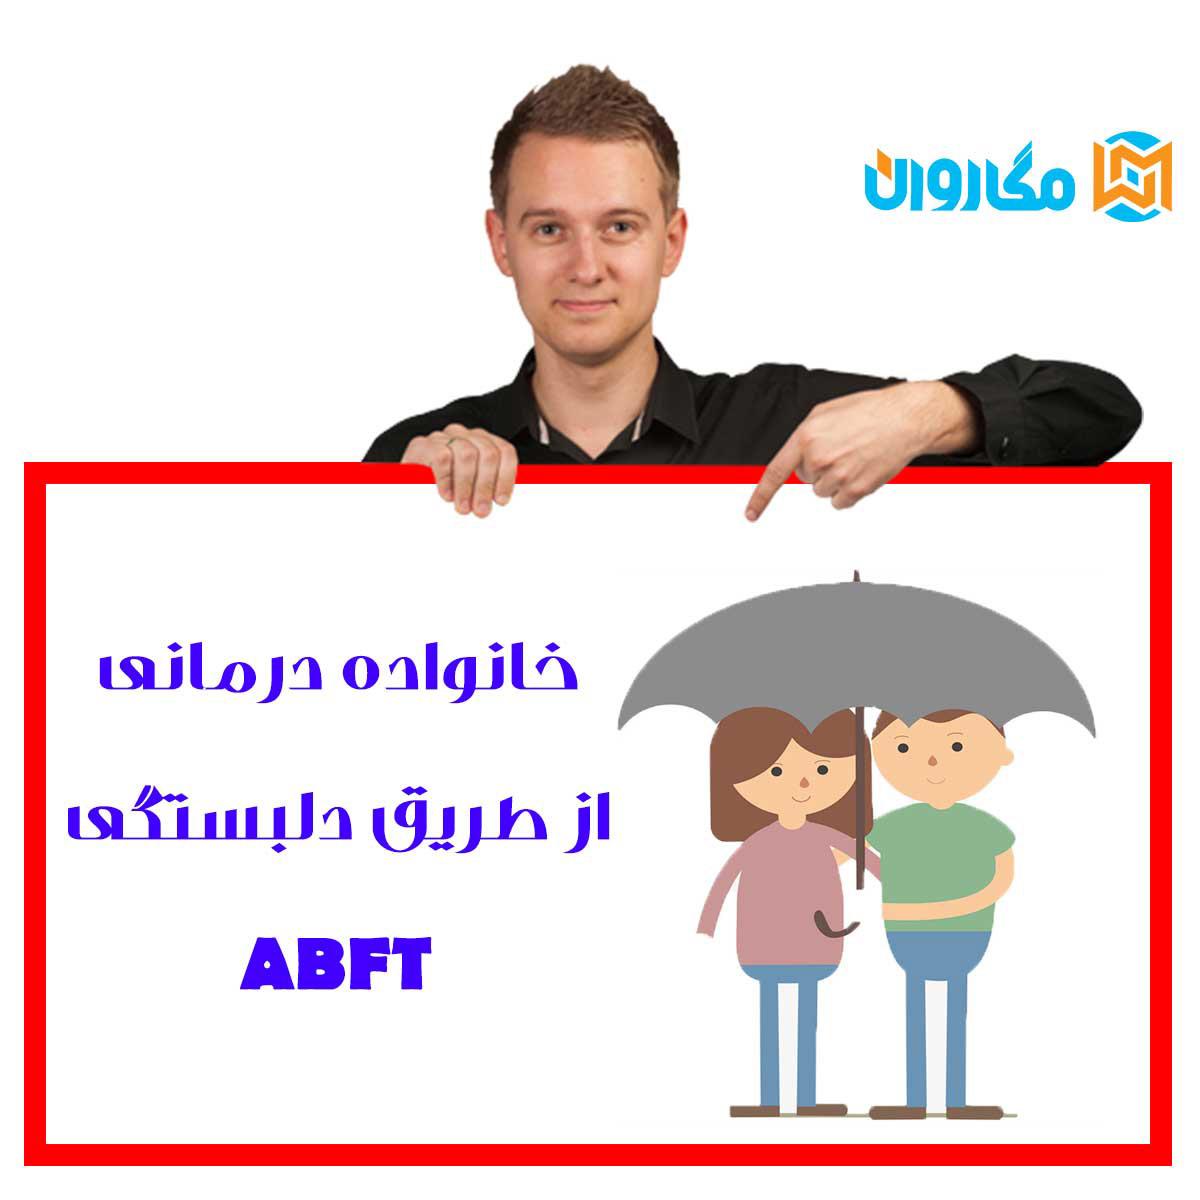 خانواده درمانی از طریق دلبستگی ABFT